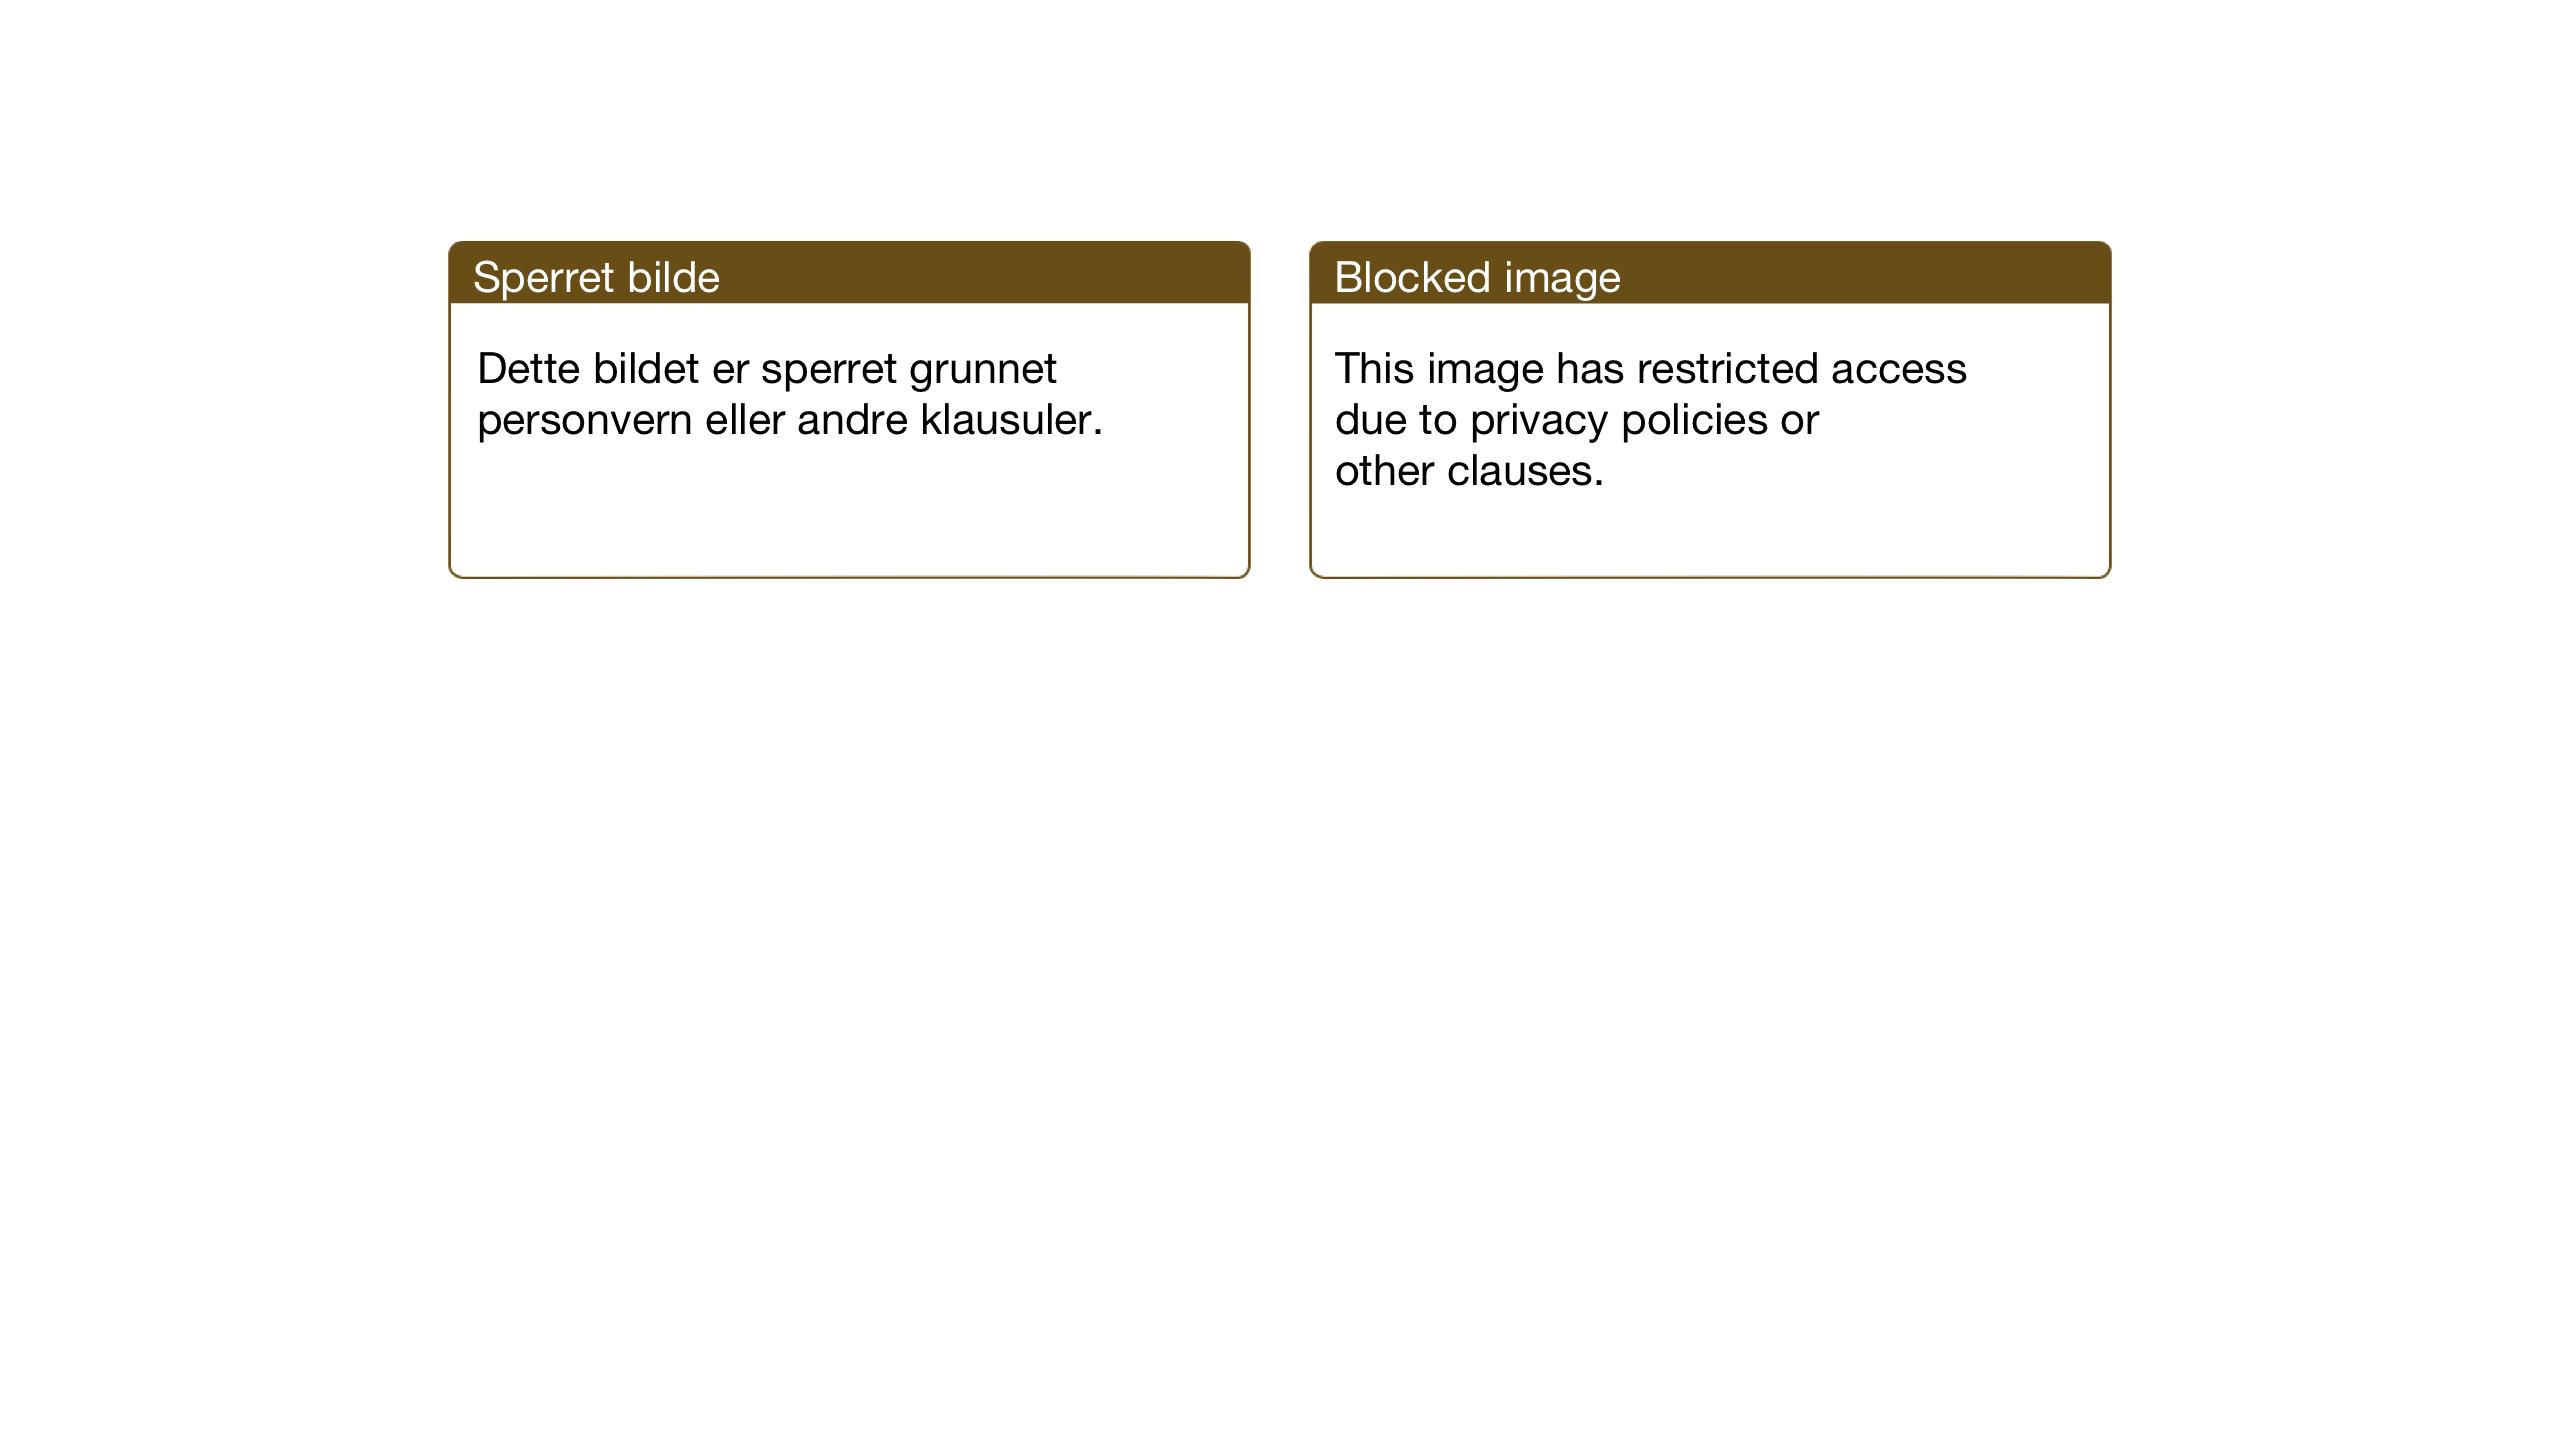 SAT, Ministerialprotokoller, klokkerbøker og fødselsregistre - Nord-Trøndelag, 733/L0328: Klokkerbok nr. 733C03, 1919-1966, s. 129